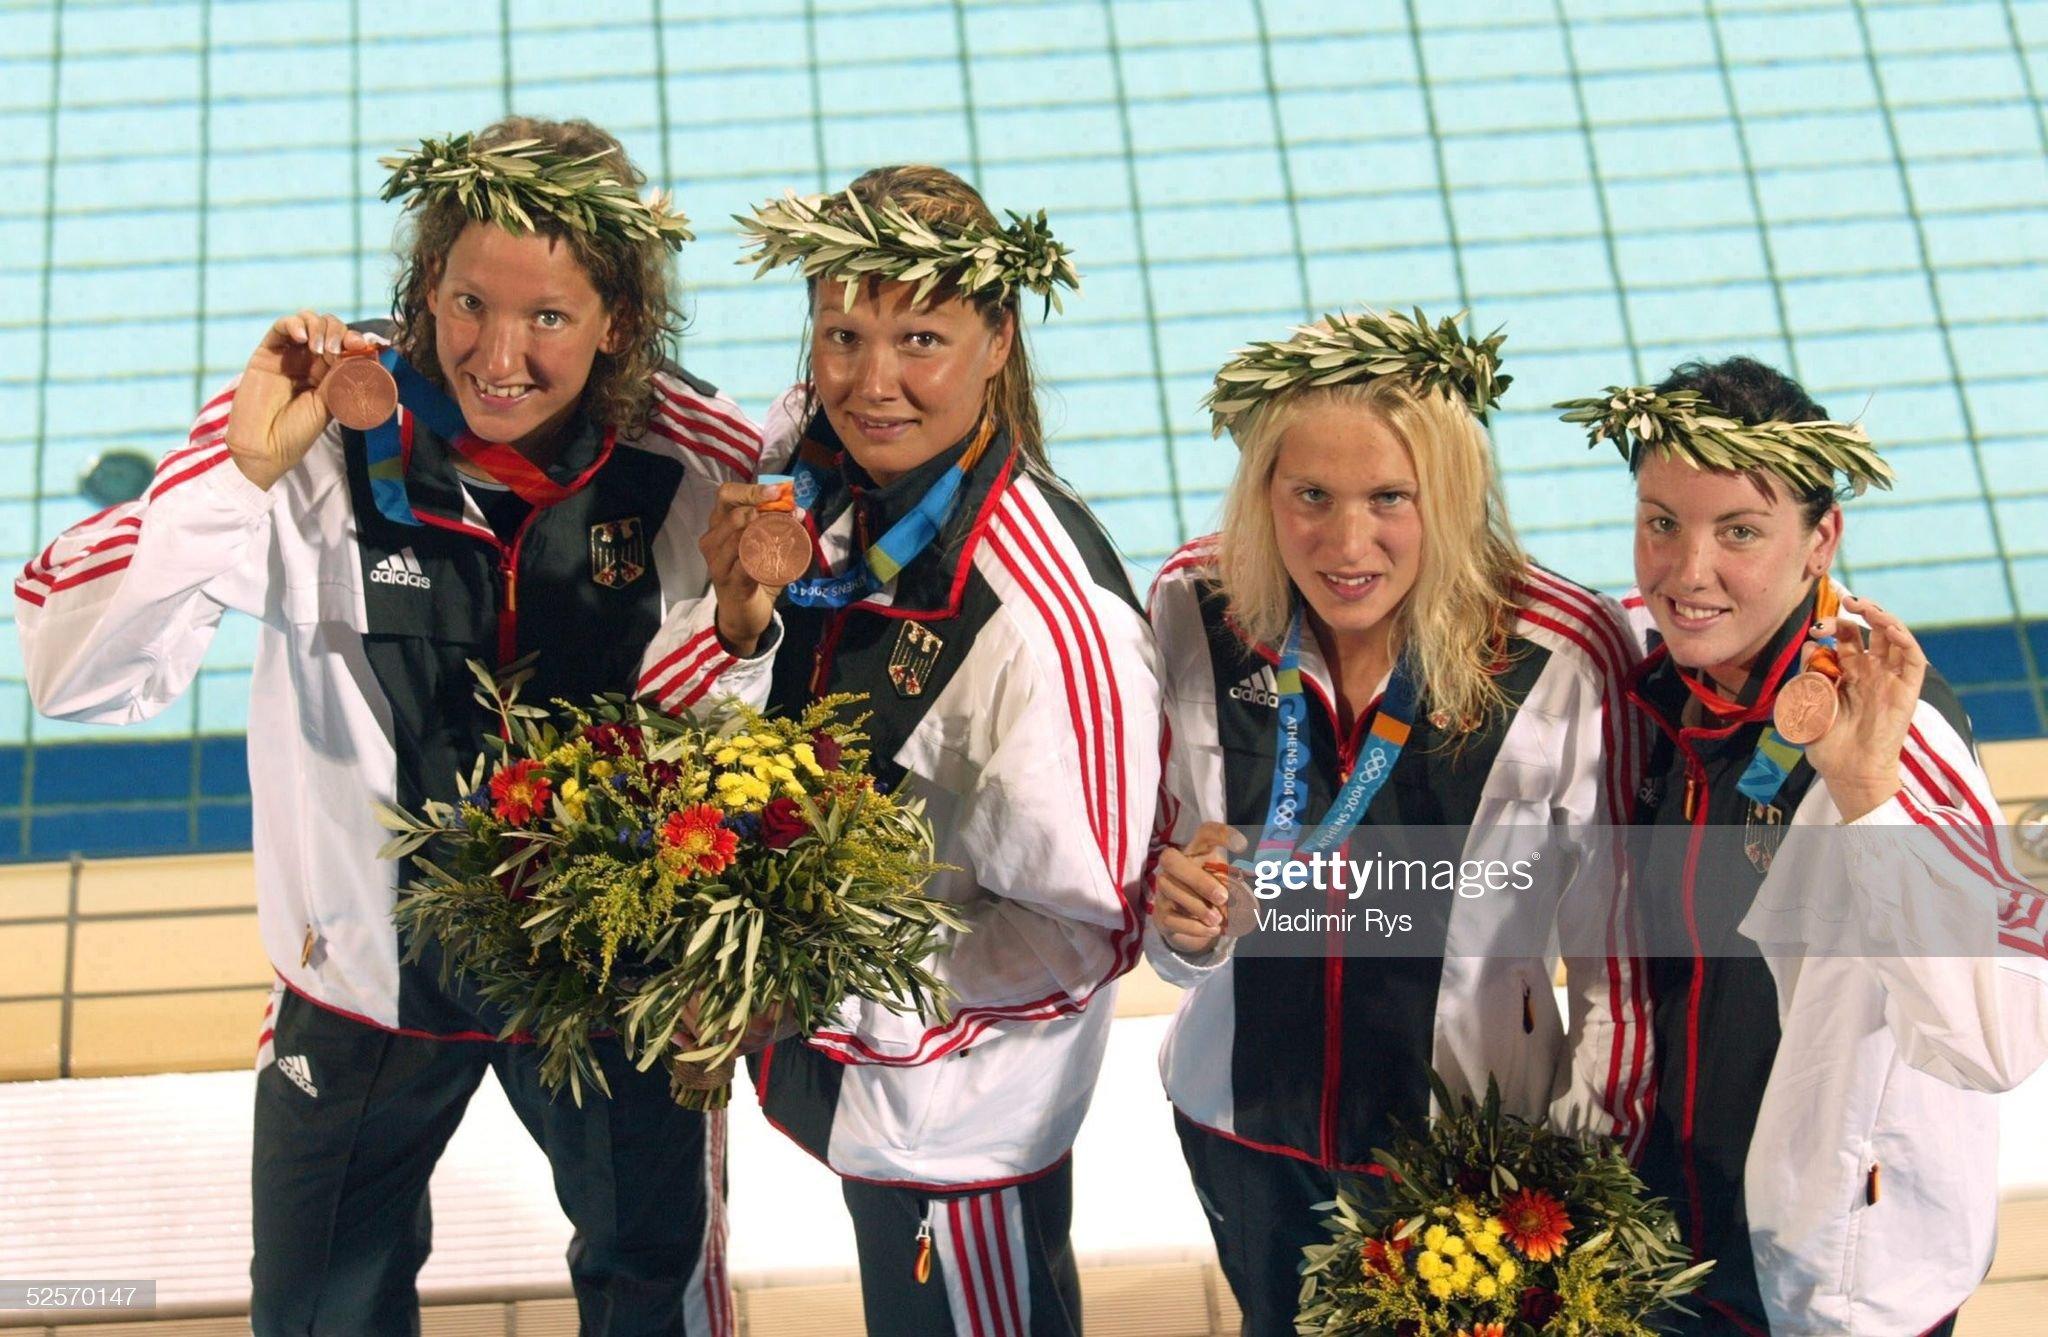 Olympische Spiele Athen 2004... : Fotografía de noticias